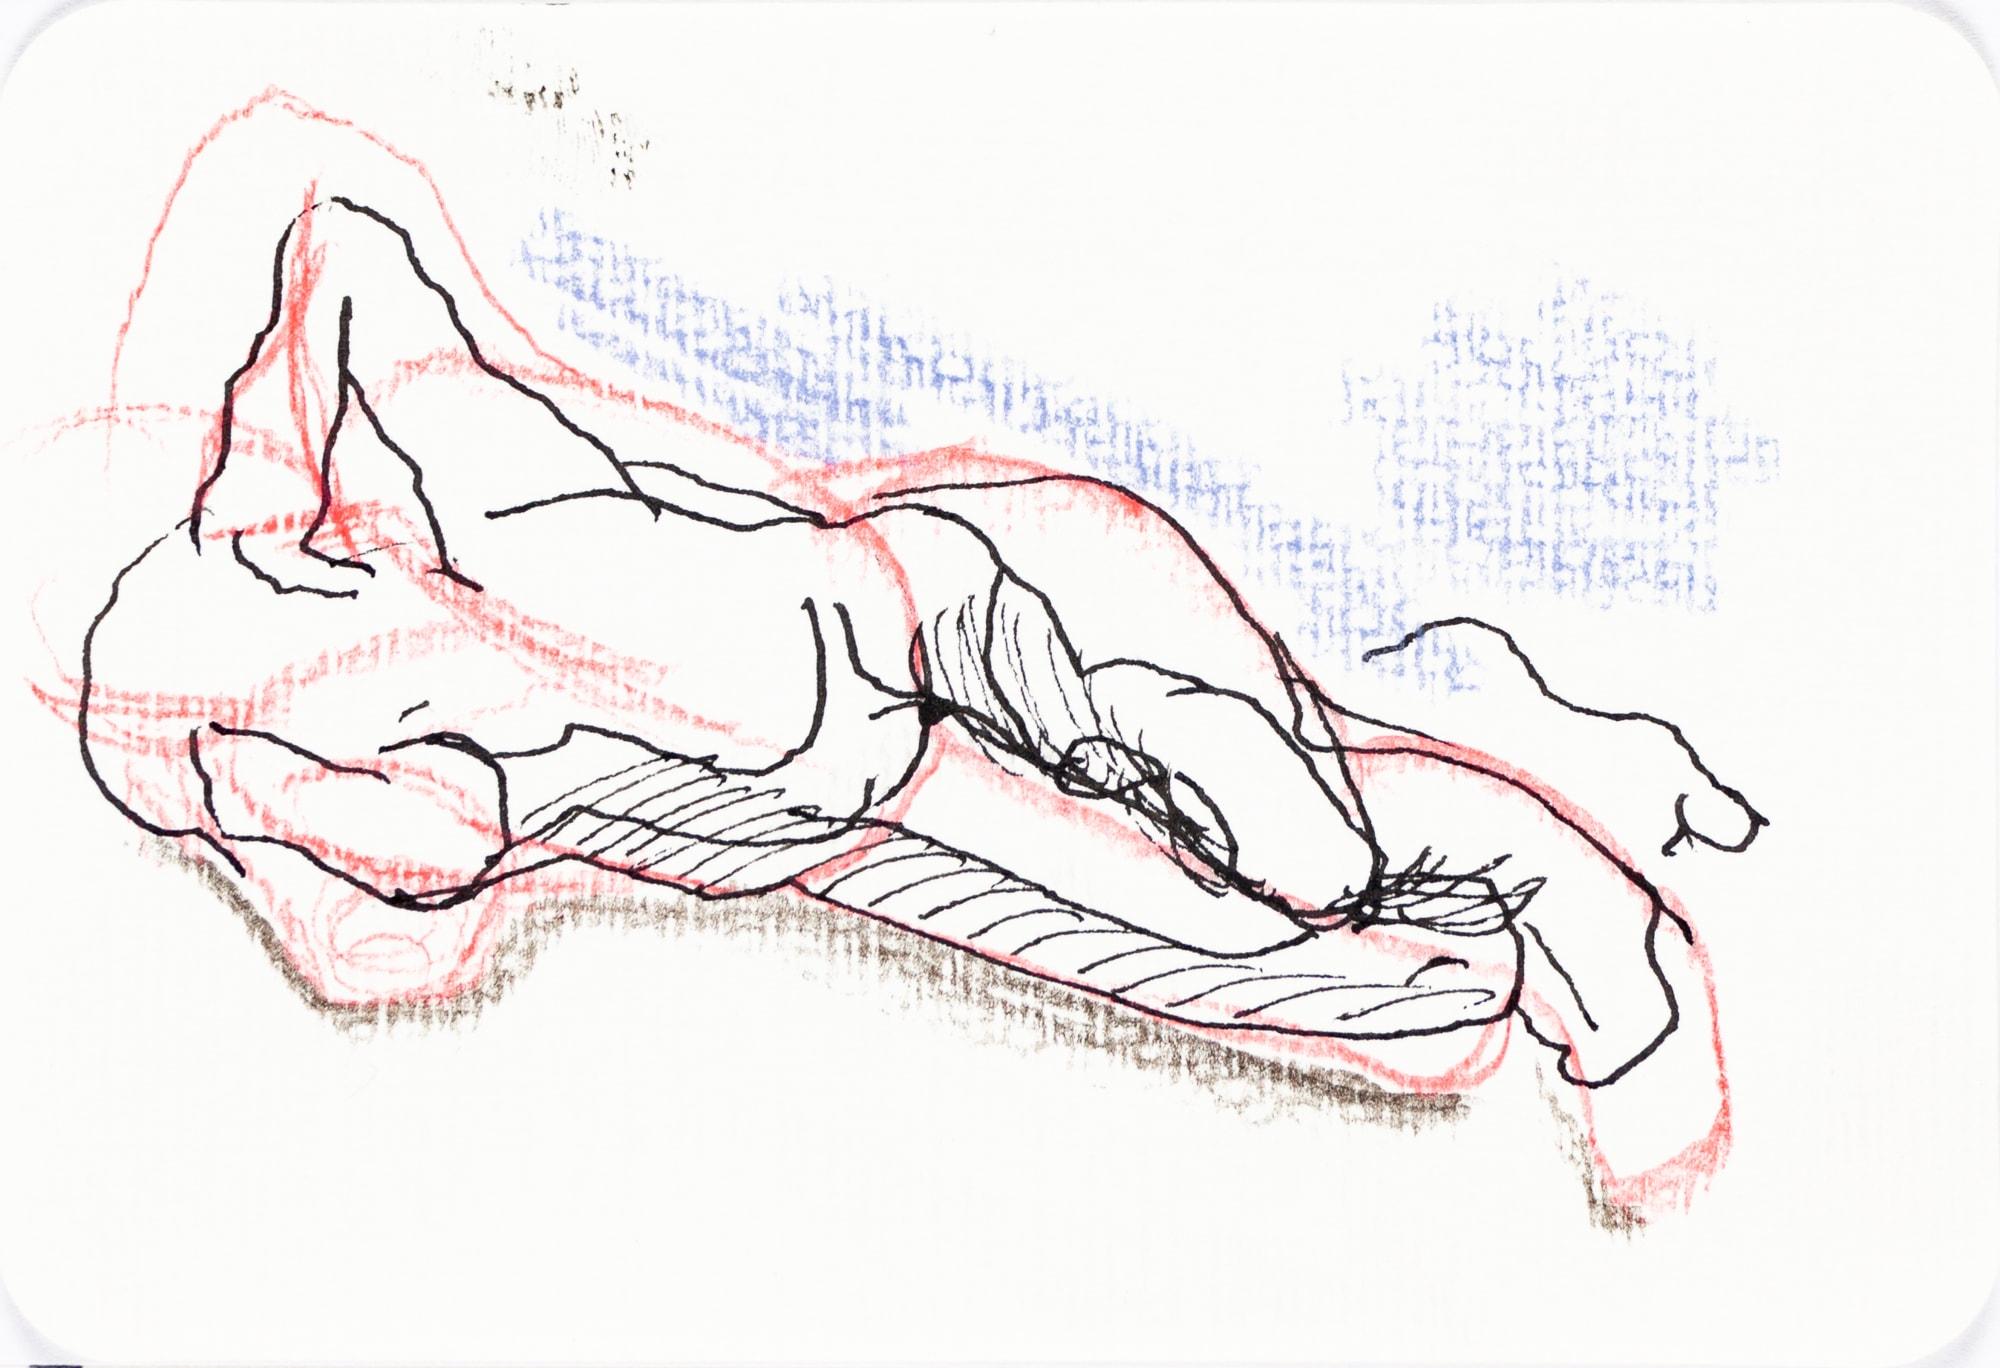 Zeichnung, Farbstift und Tusche auf Postkarte, 15,3x10,4cm, Akt, Künstlerin: Franziska King